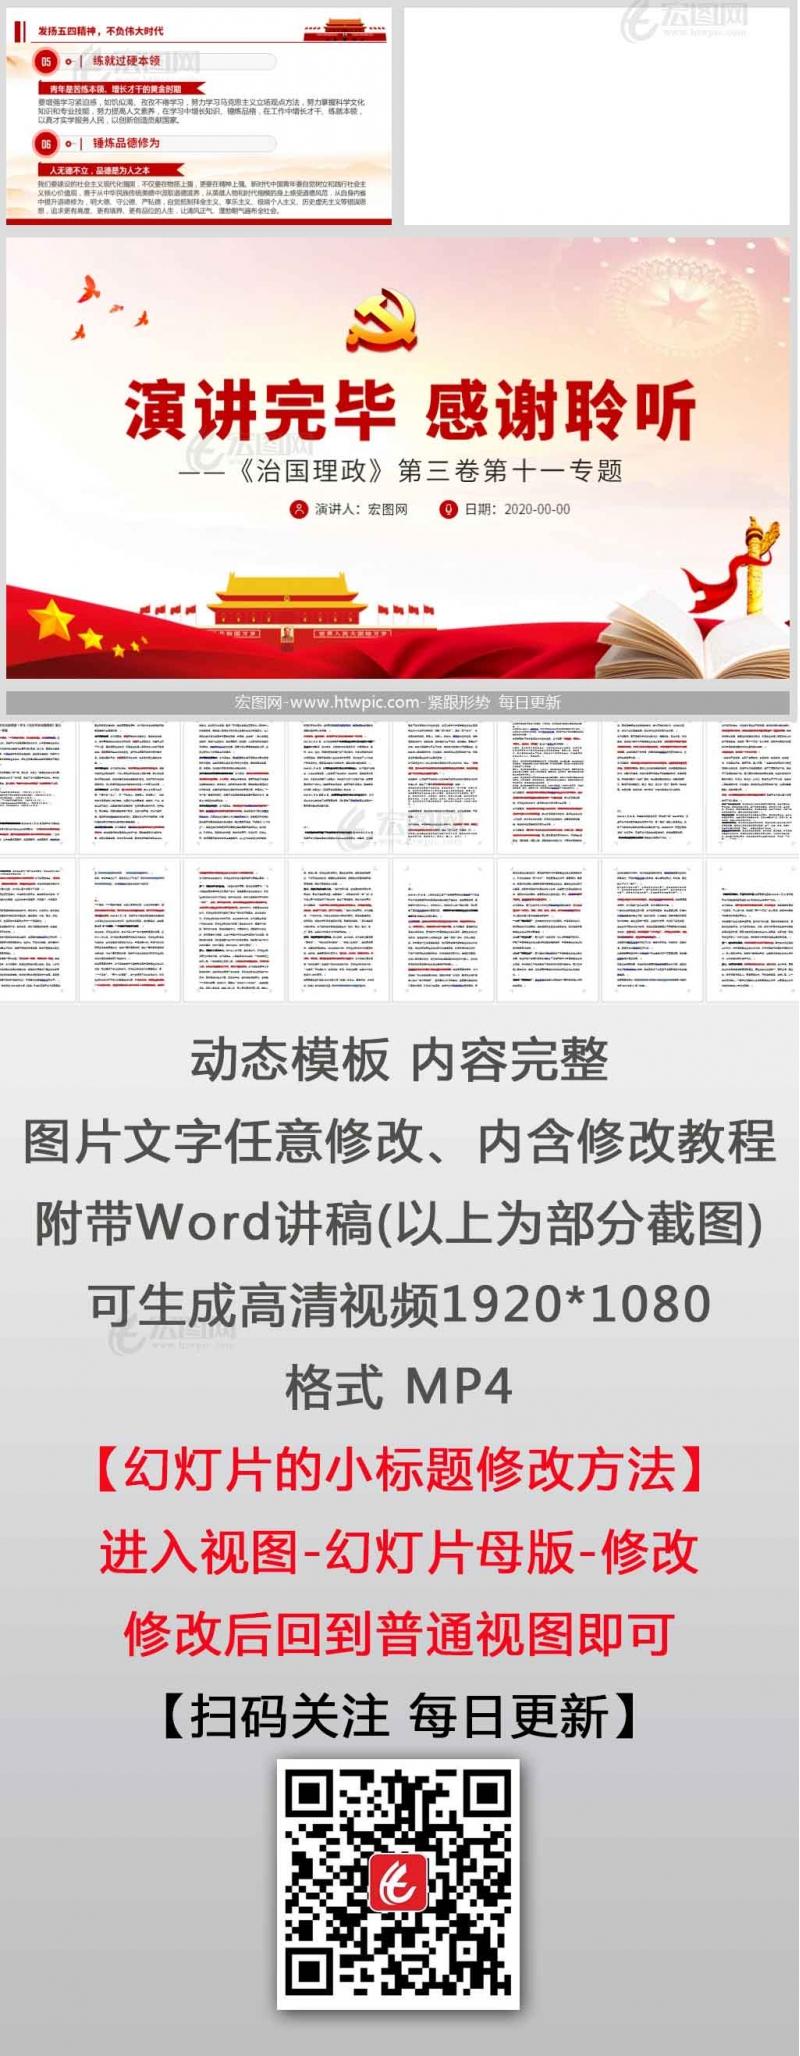 《治国理政》第三卷第十一专题铸就中华文化新辉煌党课PPT